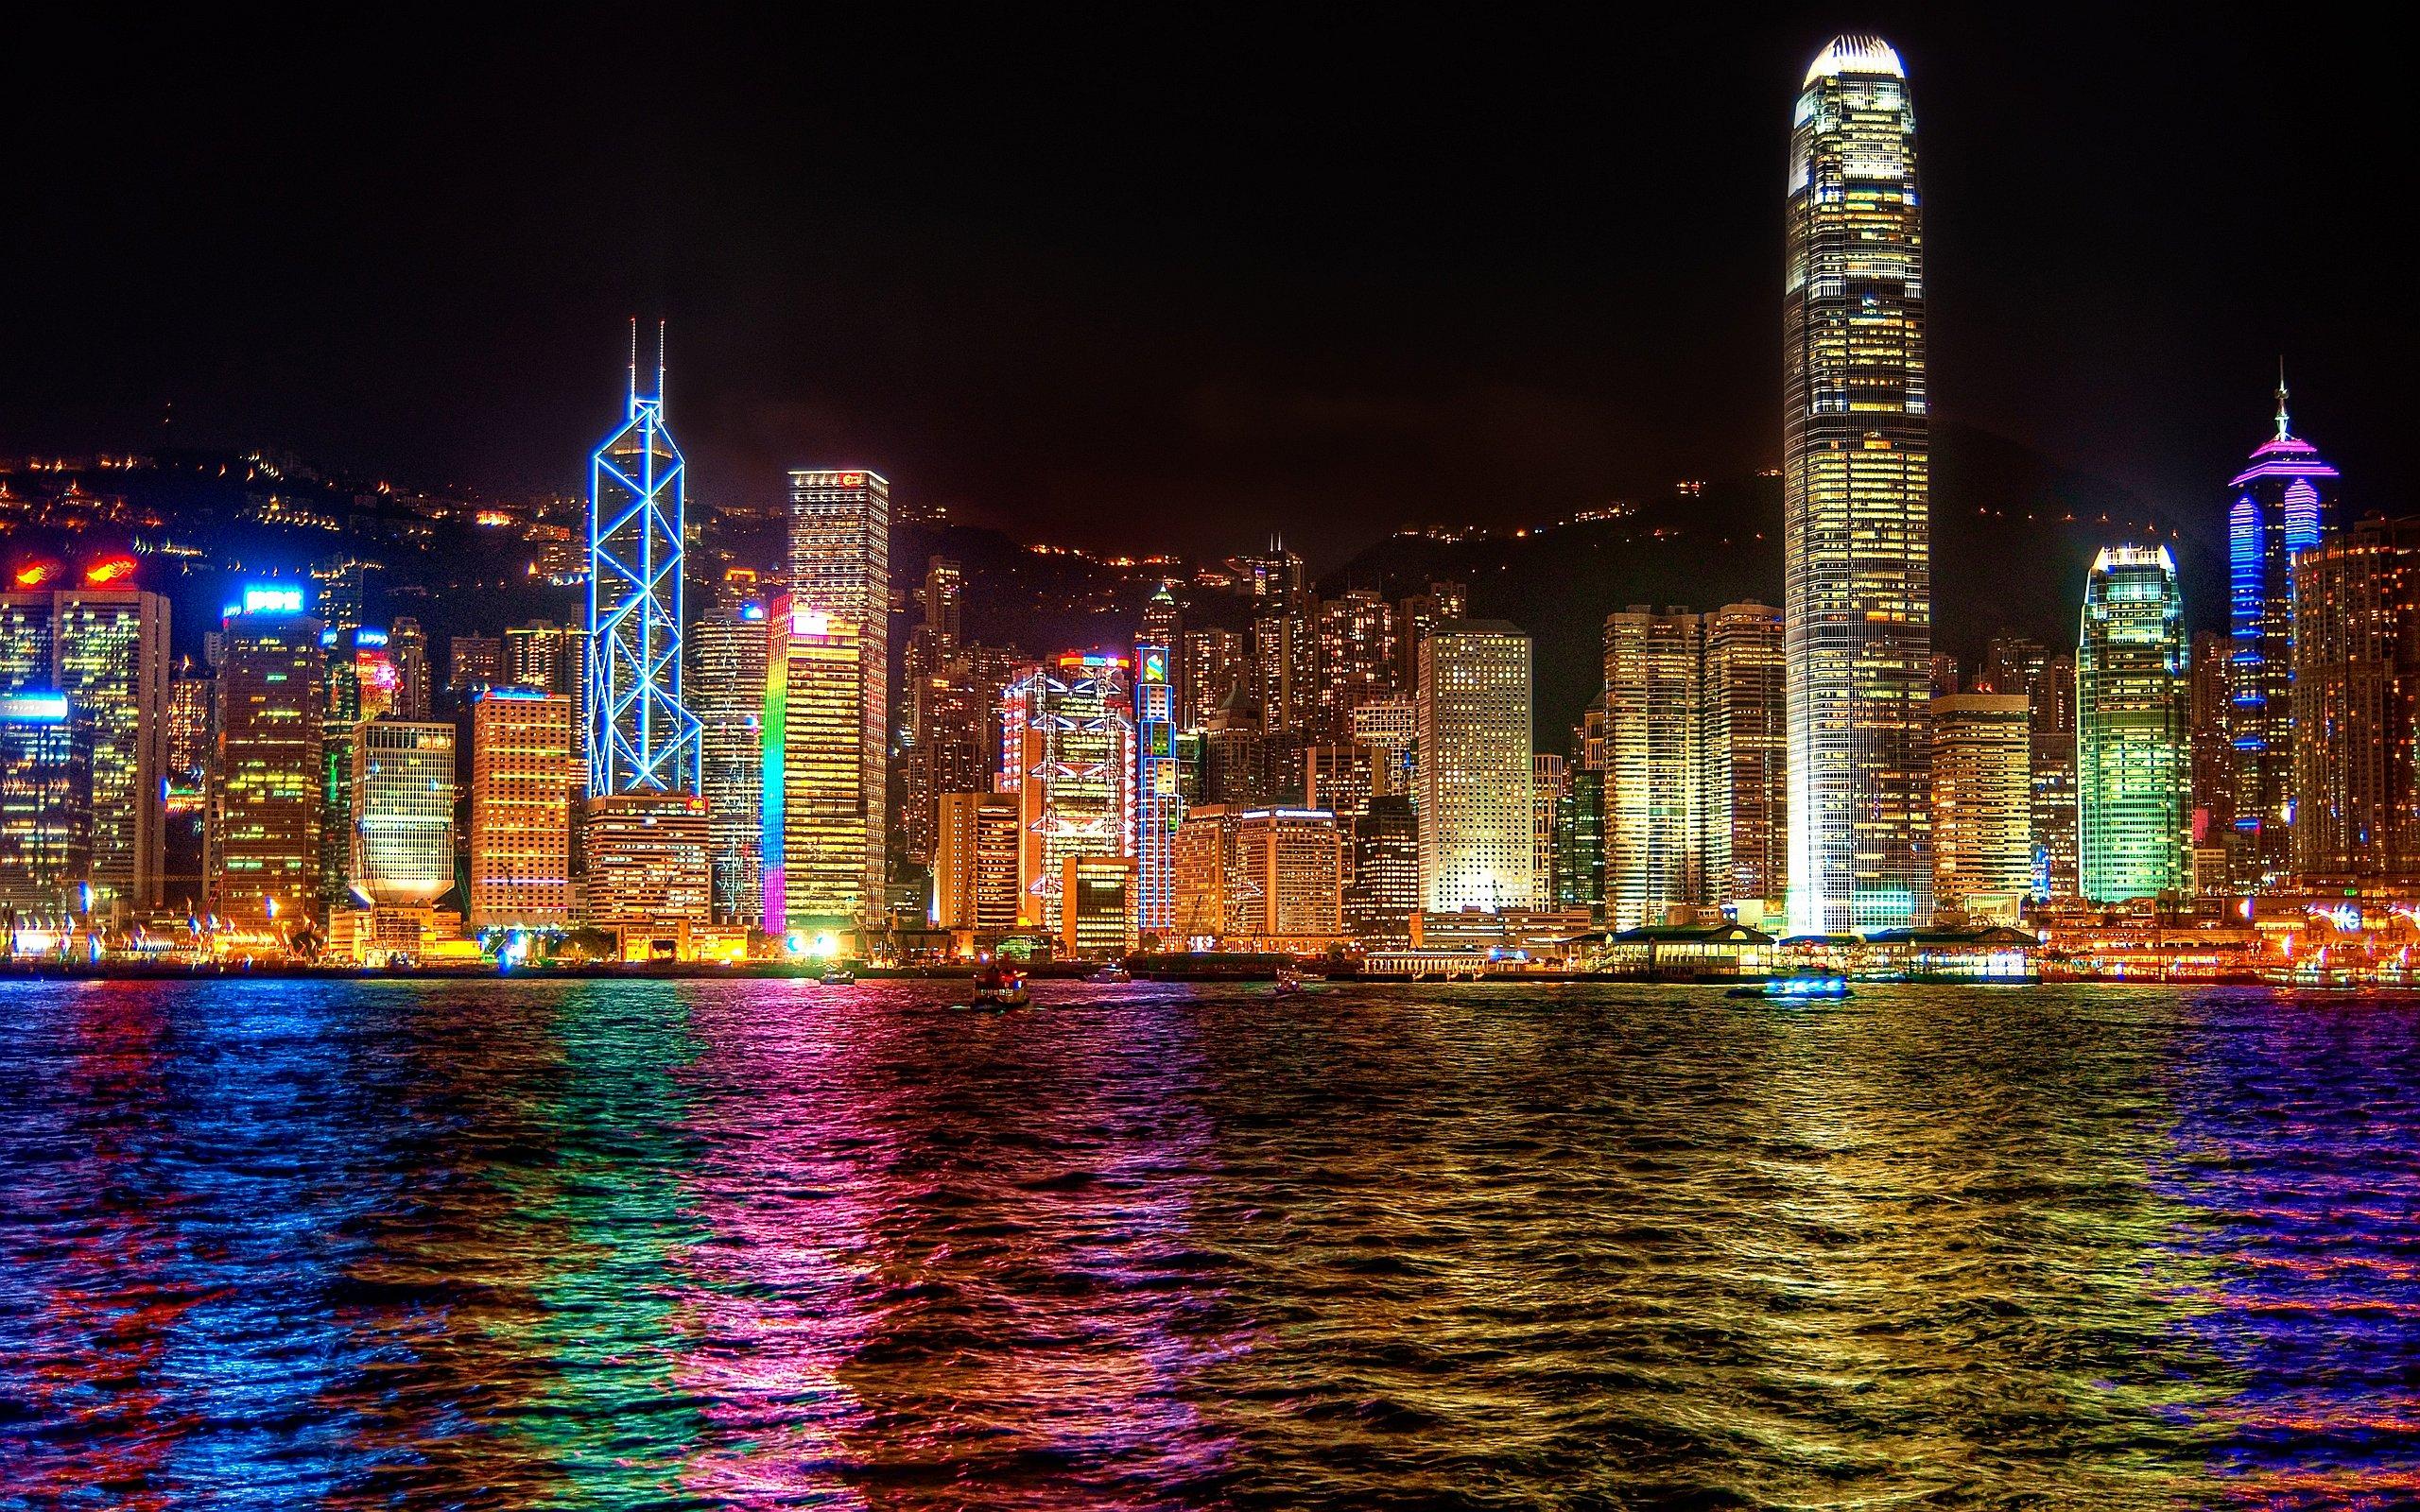 Виза в Гонконг: можно ли поехать туда без визы?